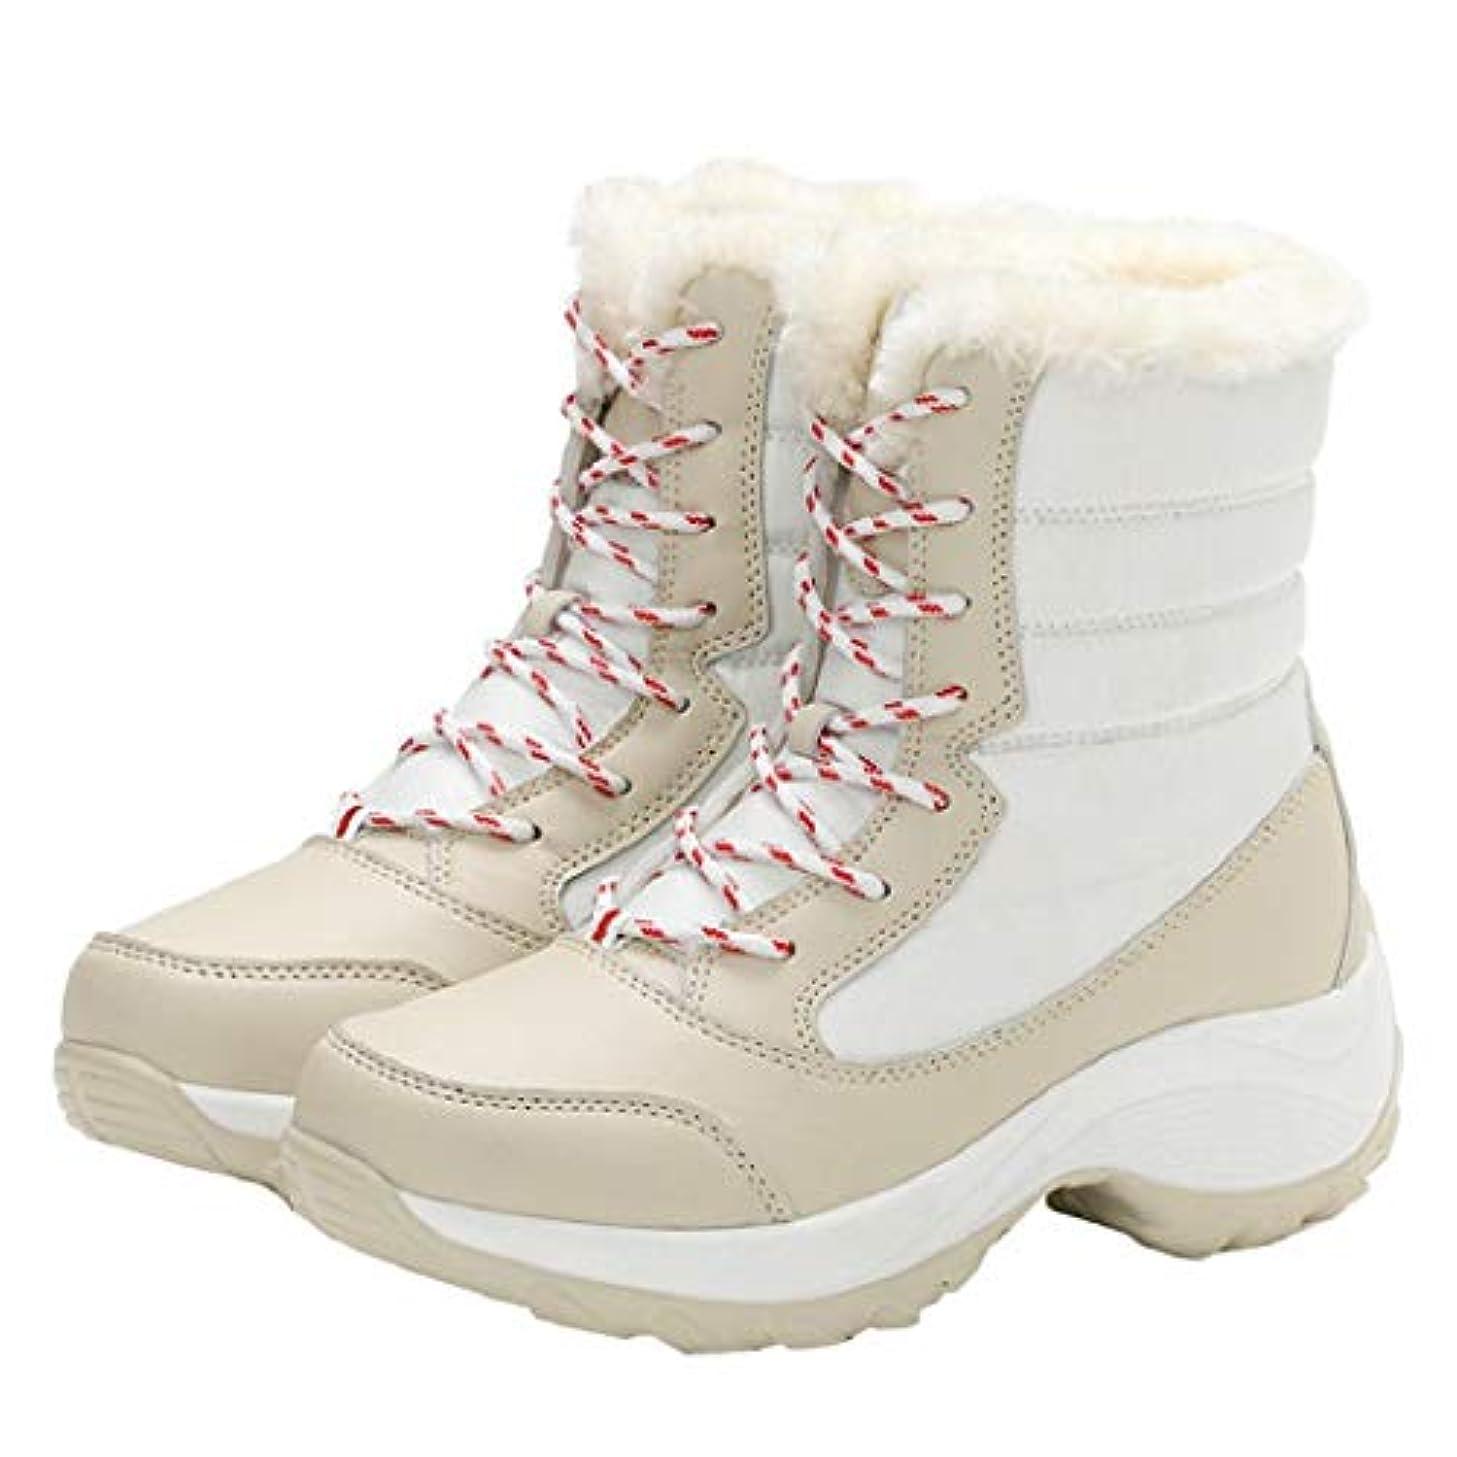 シードアジャオープナーCSSD 冬用 レディース ノンスリップシューズ アンクルプラットフォーム スノーブーツ 厚手 暖かいブーツ